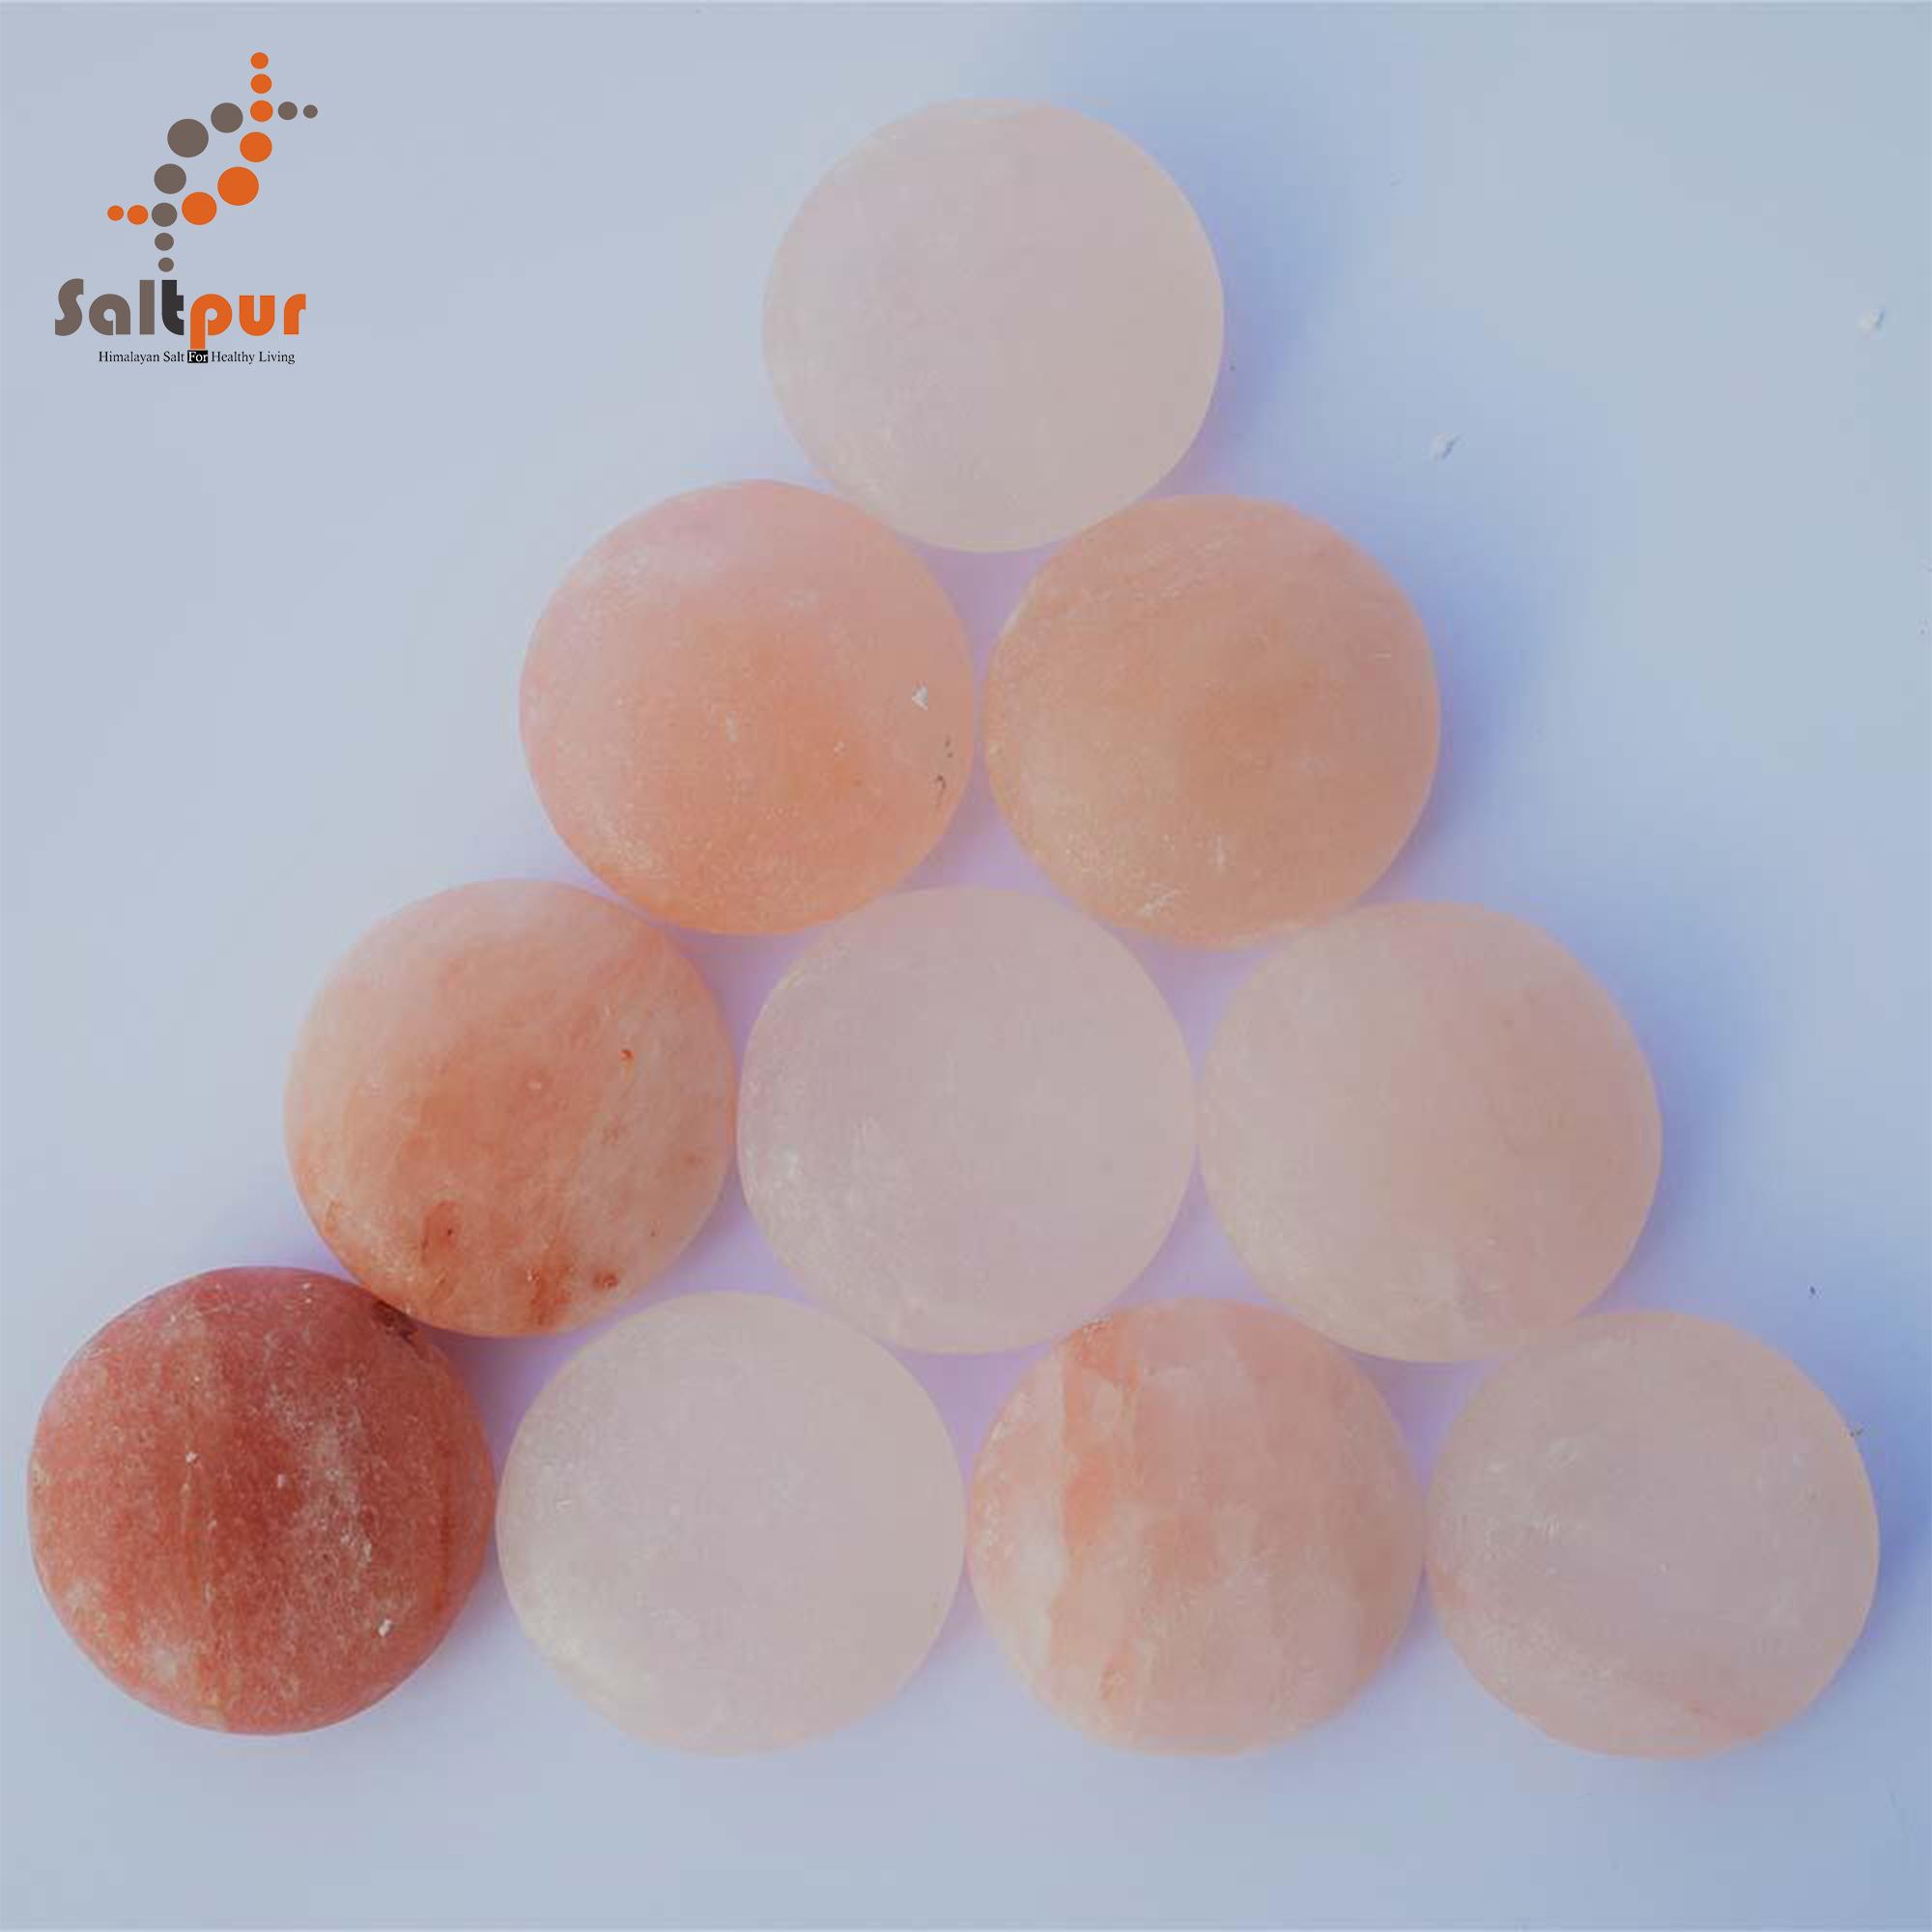 4 5 - Saltpur Himalayan Salts